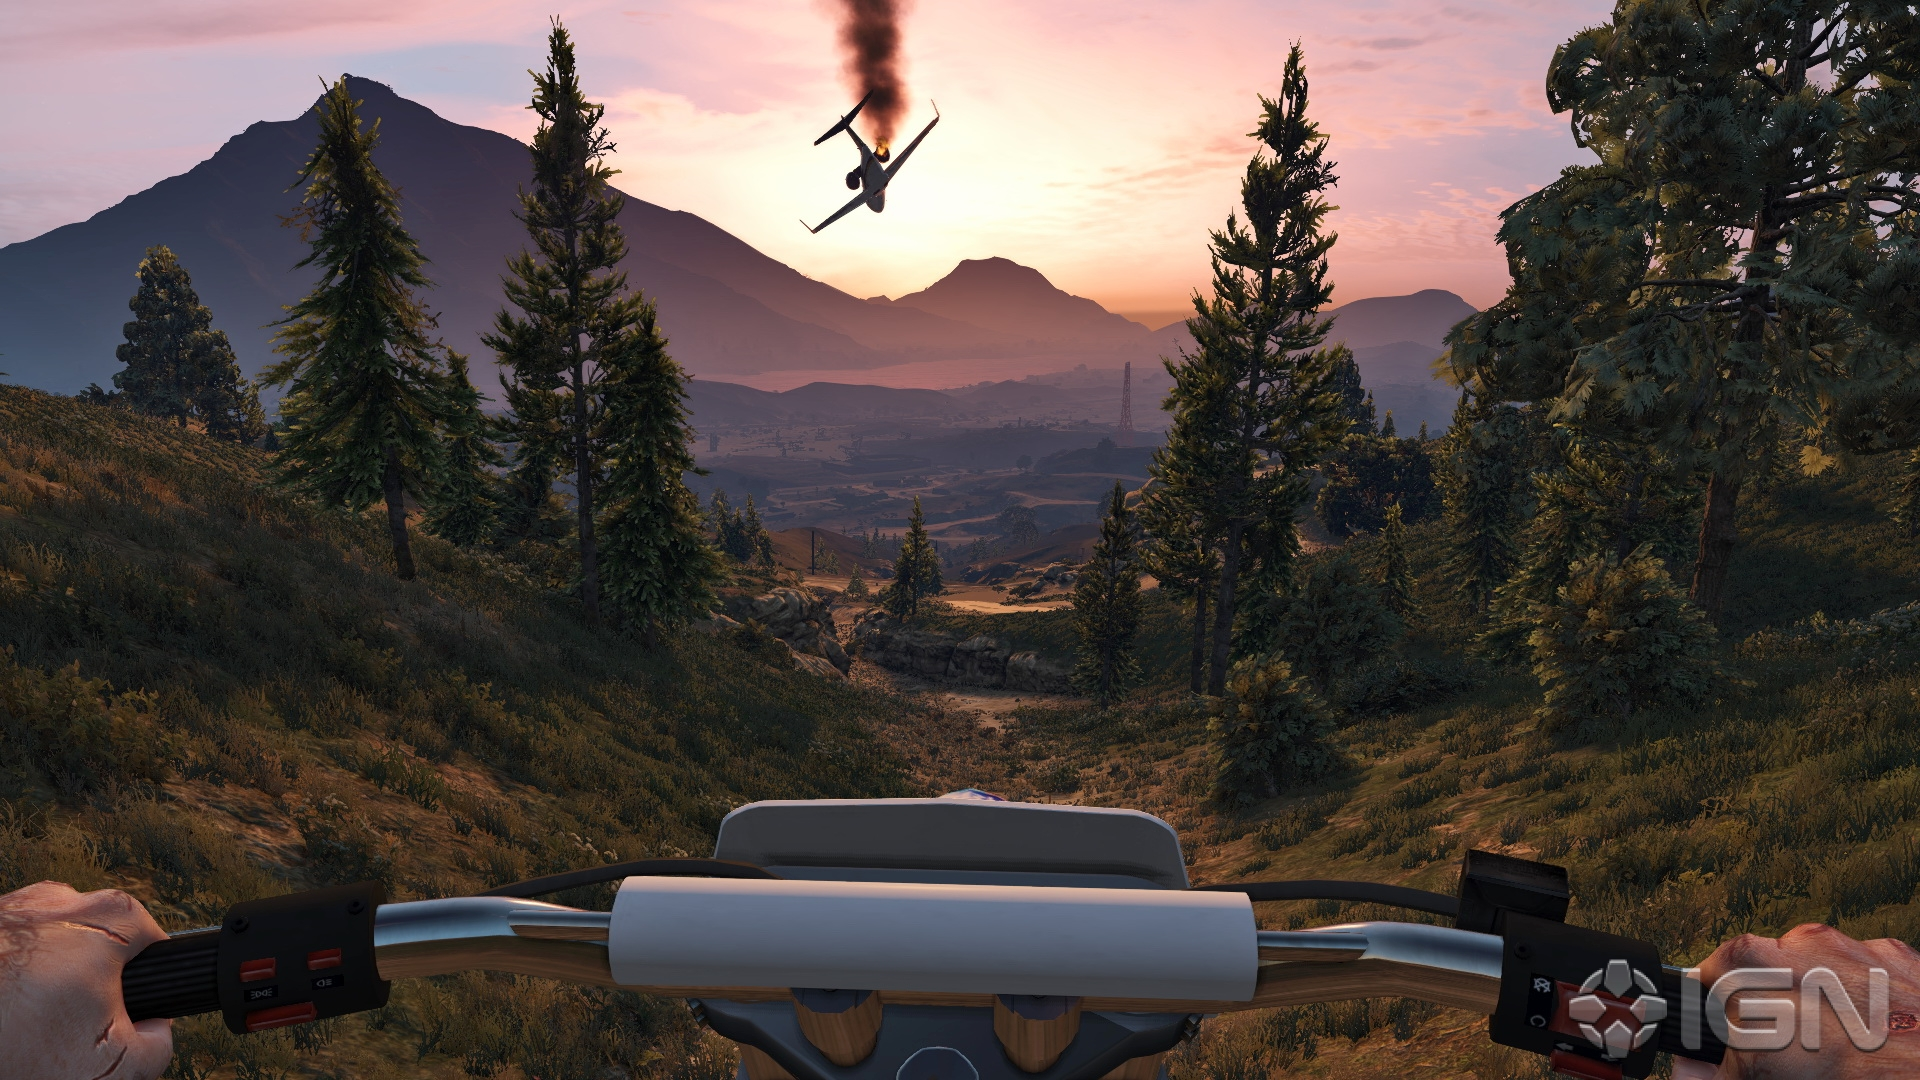 Dalších 25 nových obrázků z Grand Theft Auto V 102034